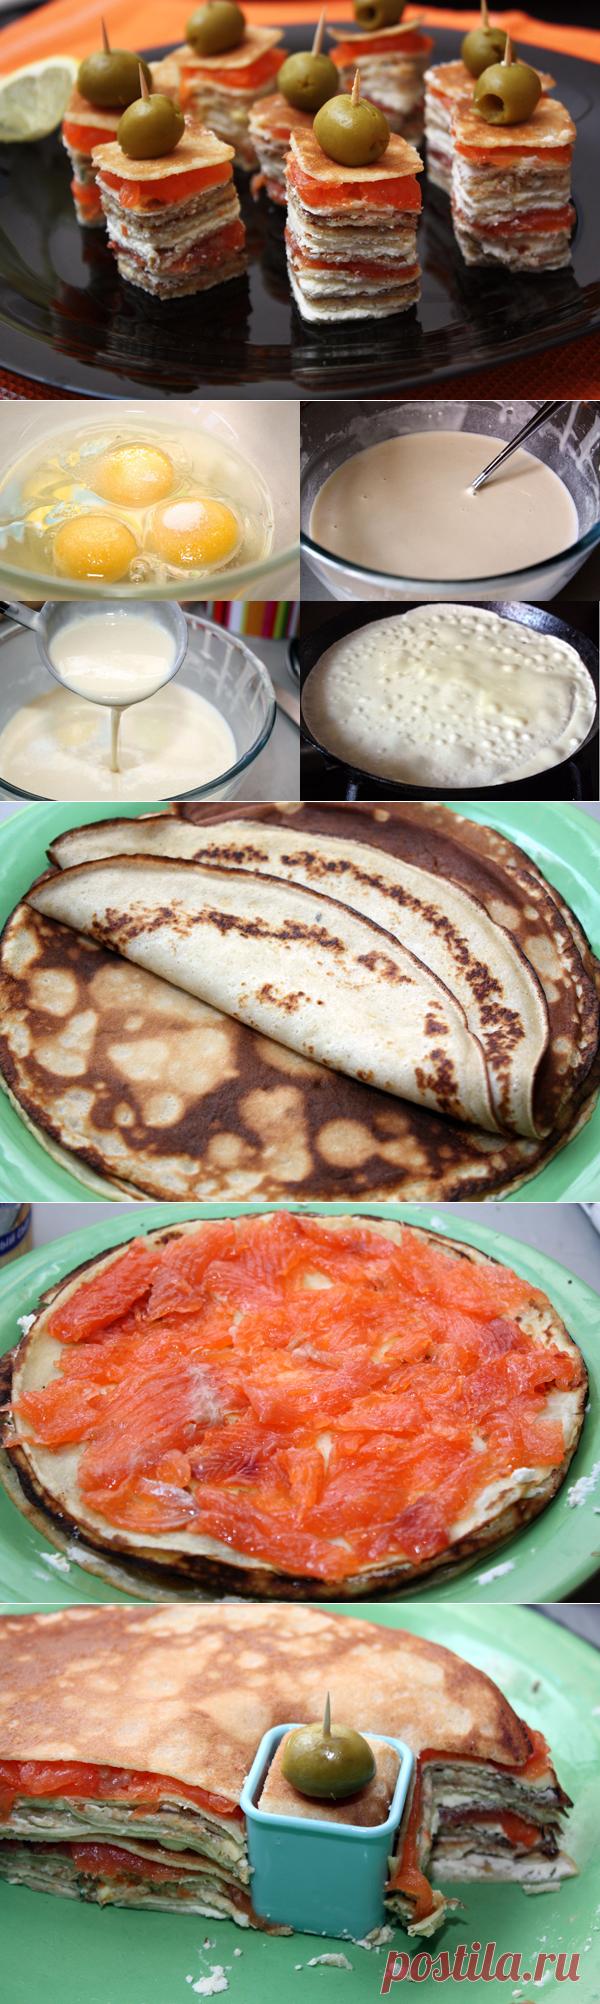 Удобное и красивое блюдо: канапе из блинов — Вкусные рецепты